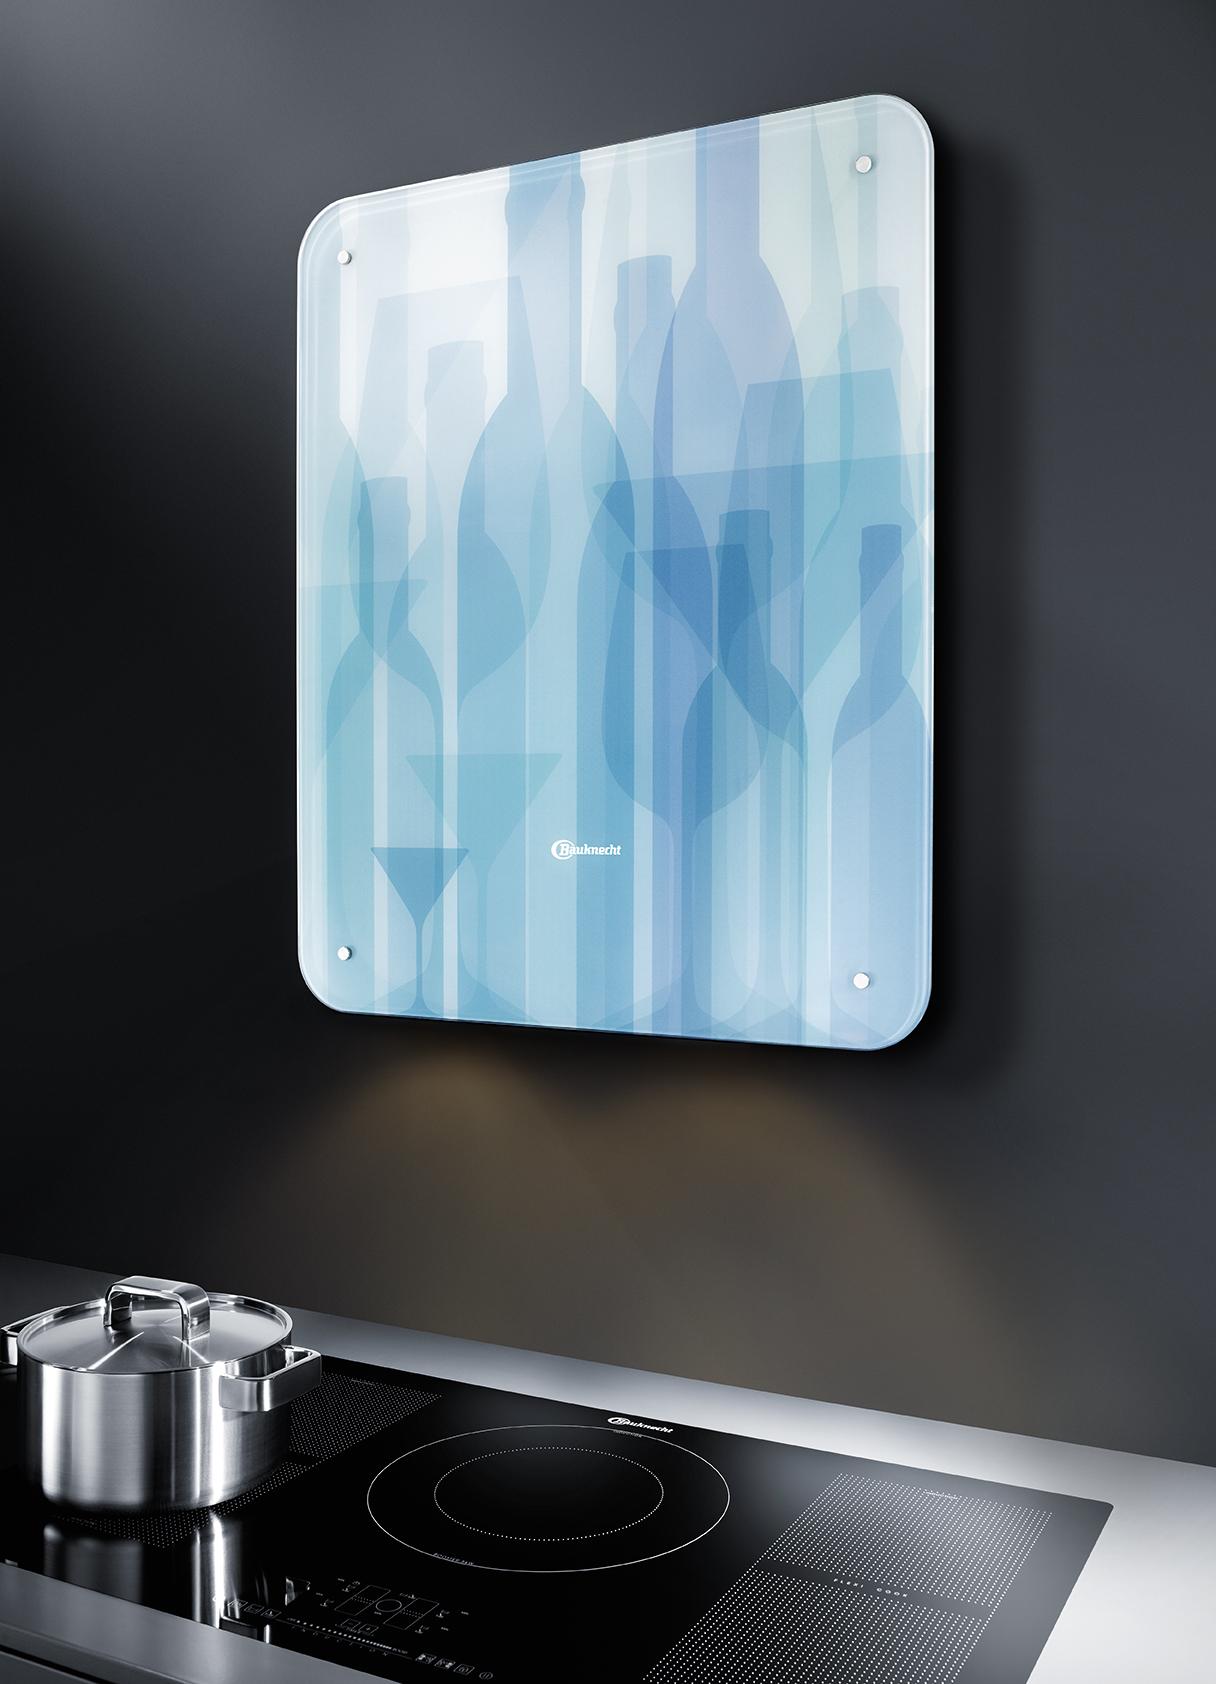 Bauknecht Dunstabzugshaube DDC 7750: Eine Galerie in der Küche